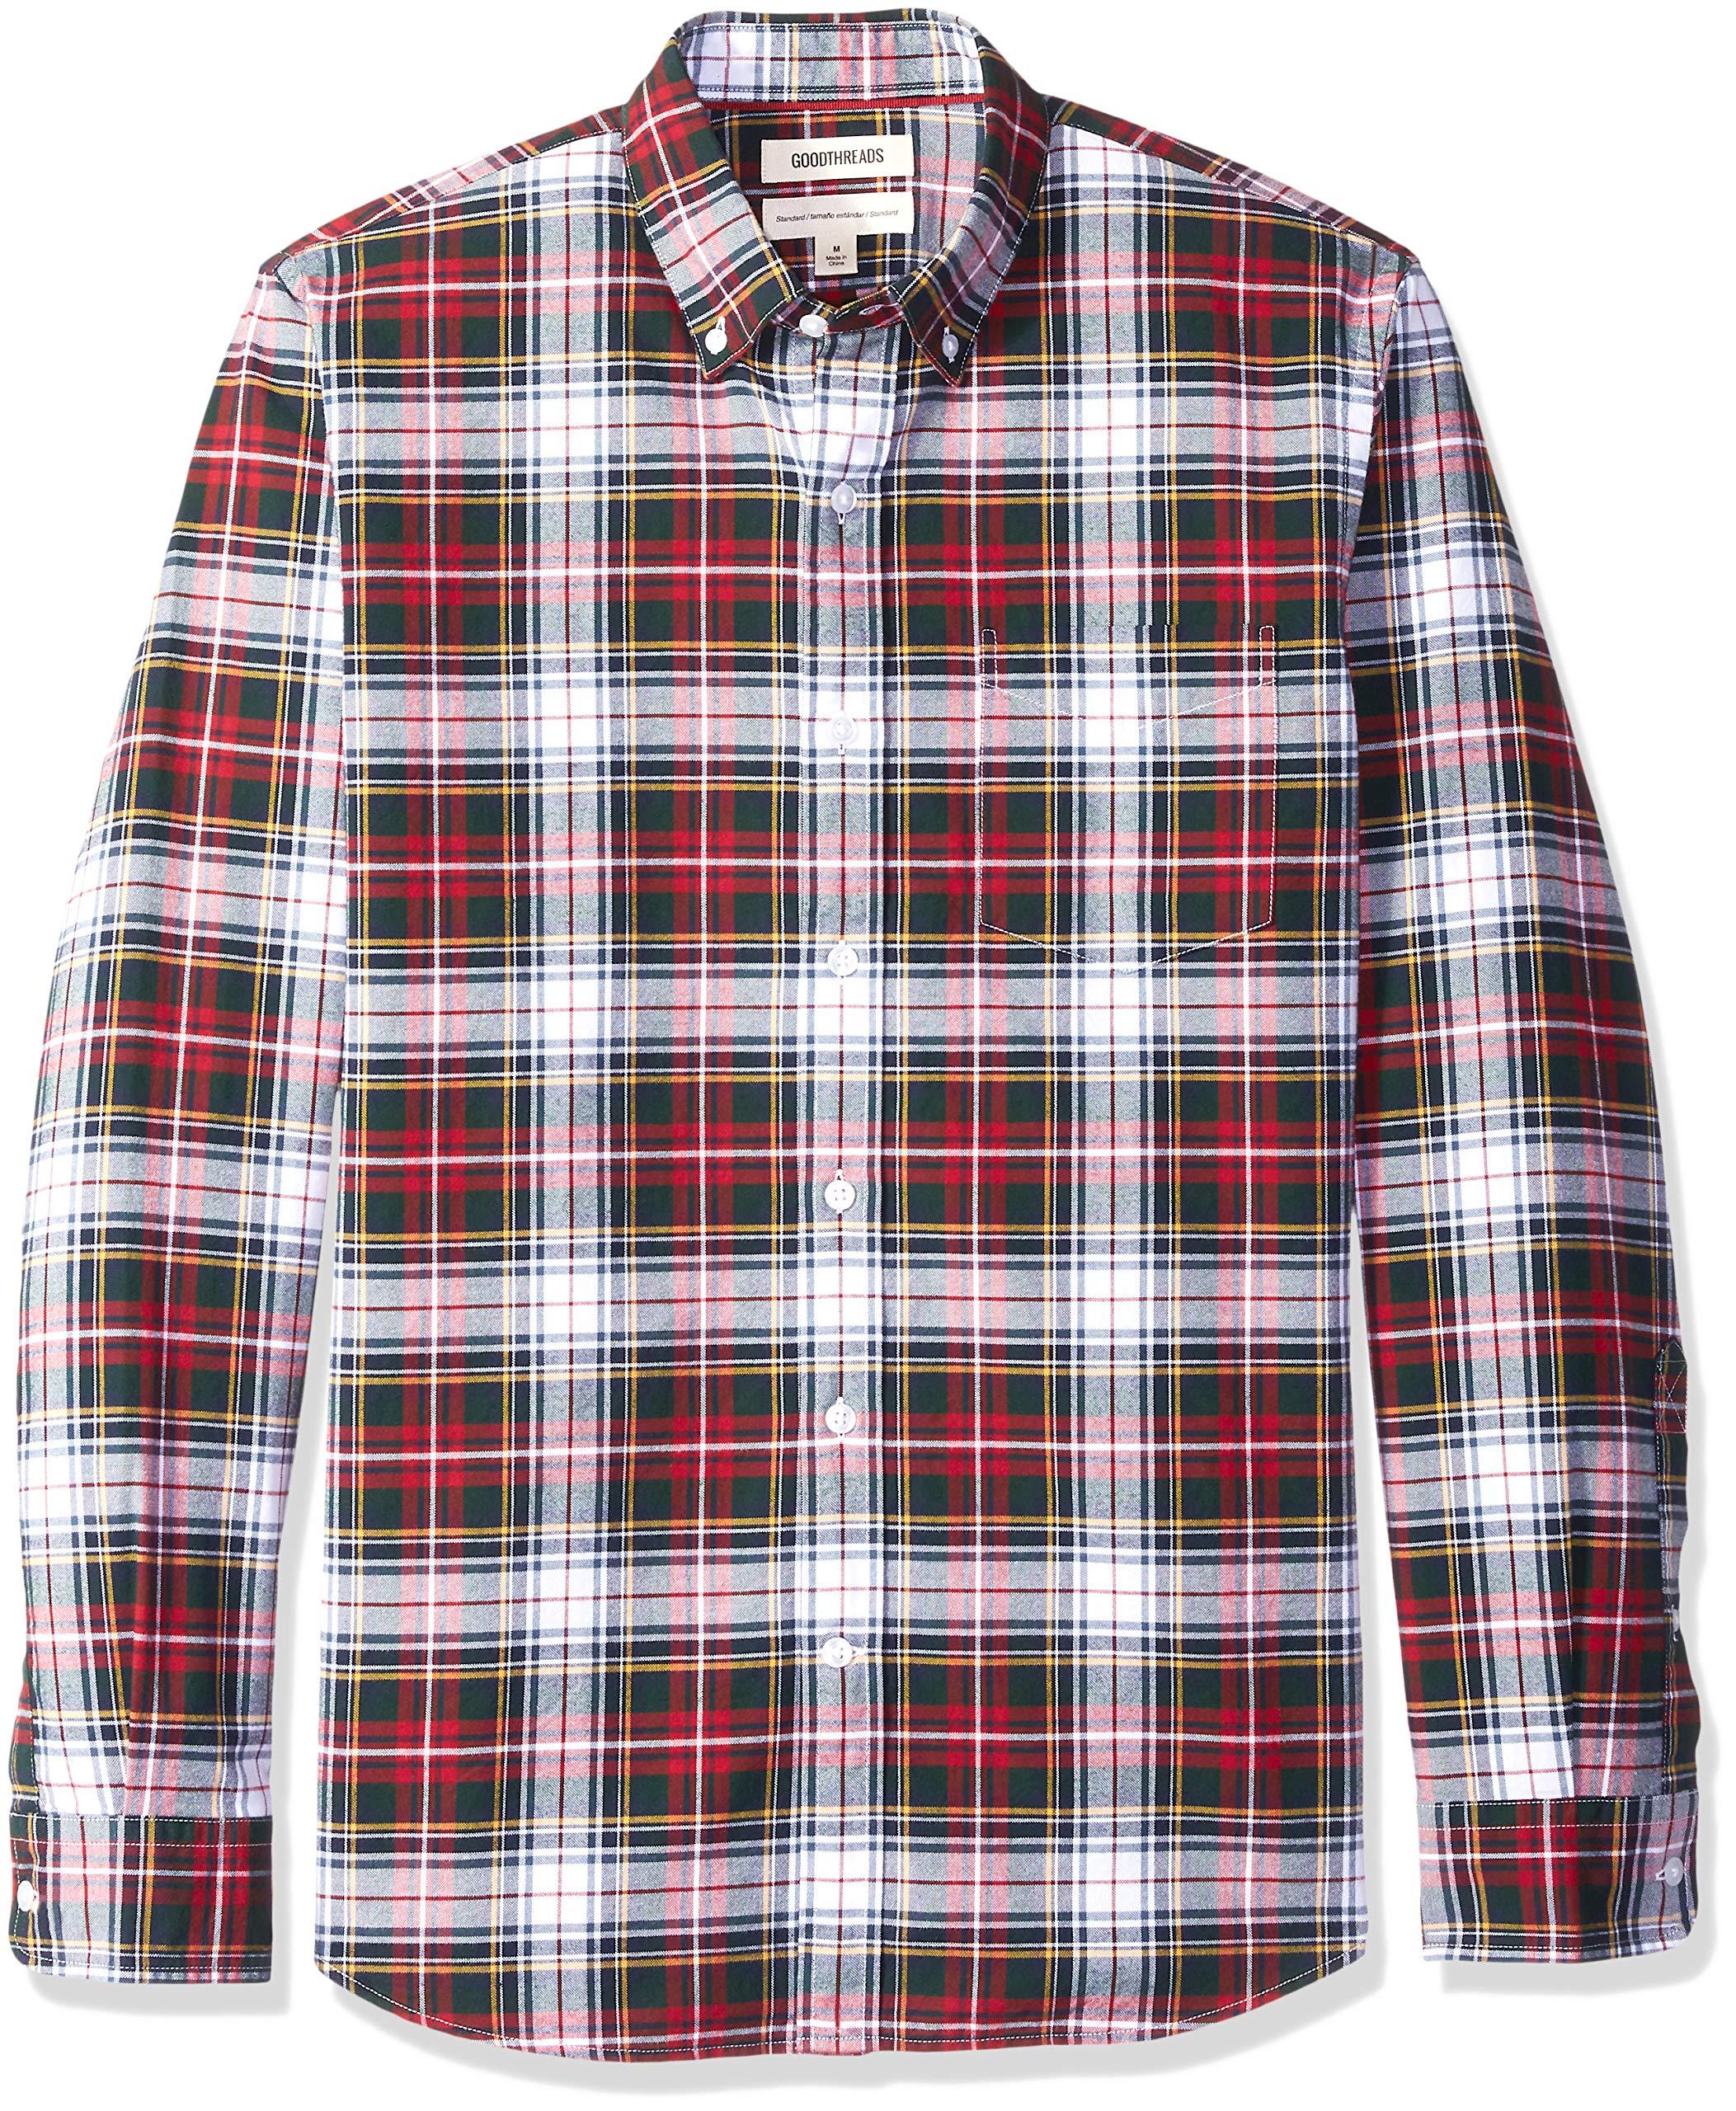 red and blue plaid shirt amazon com